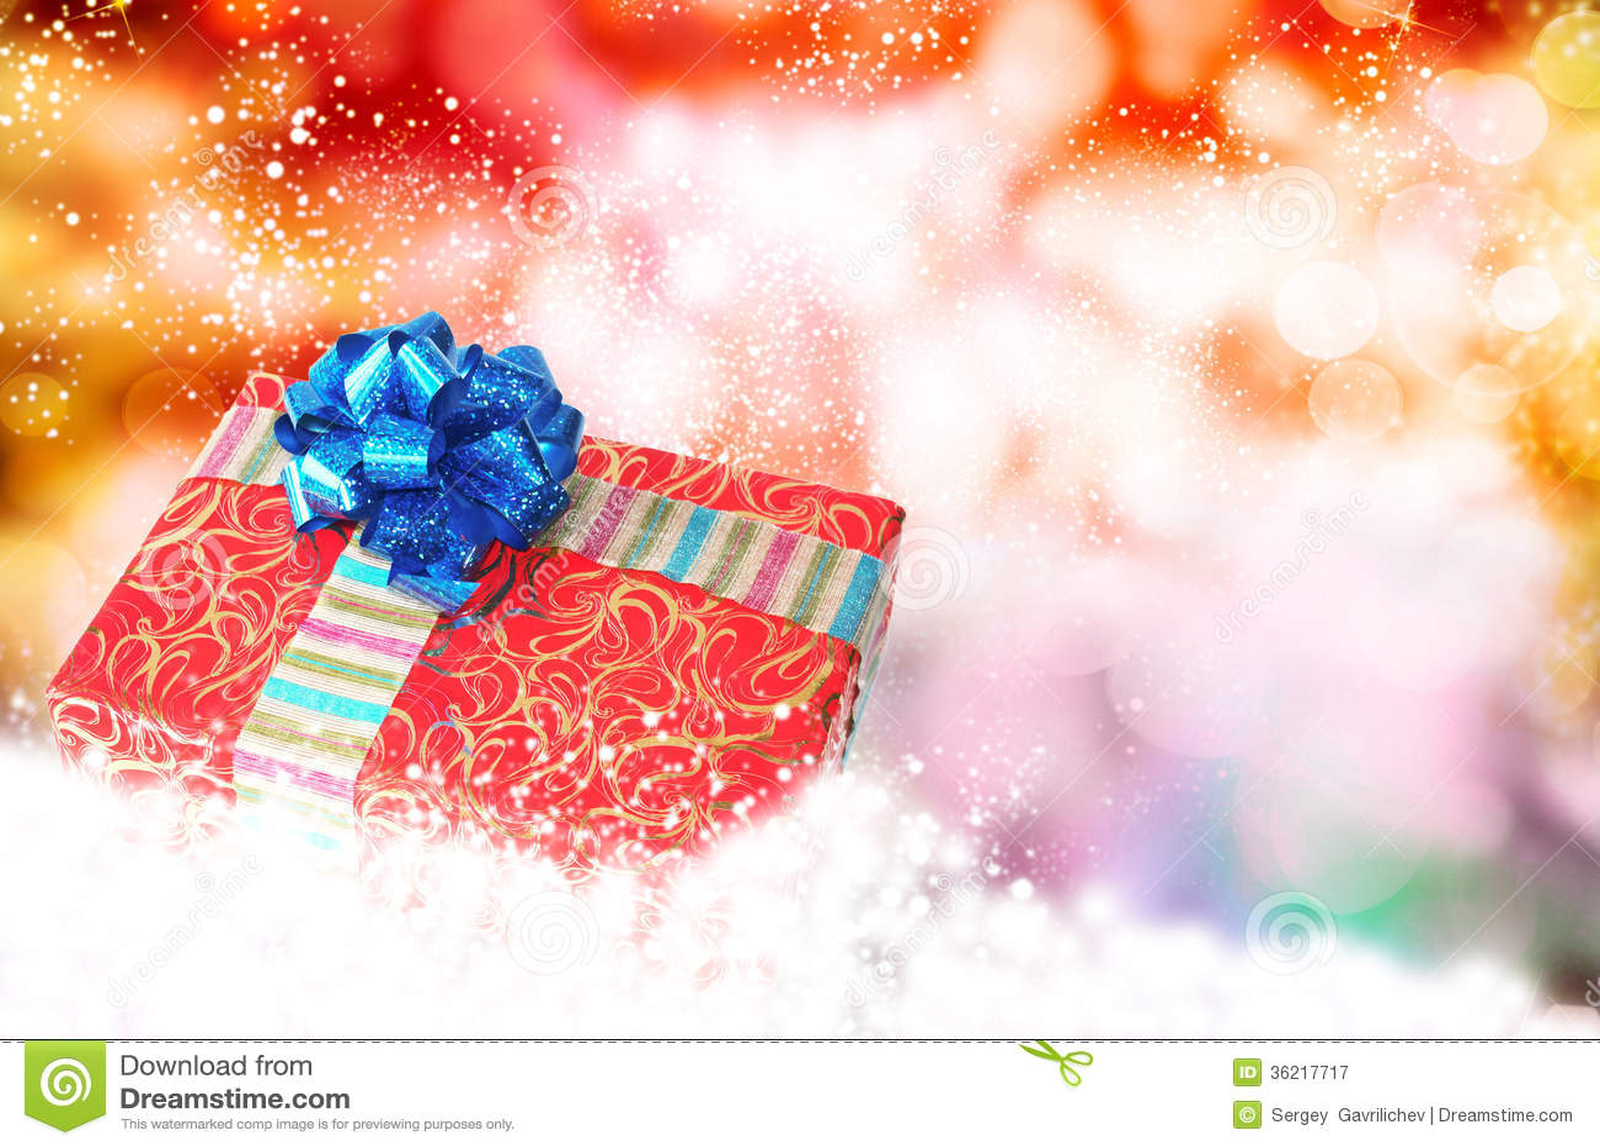 Nowego Roku Holiday.Christmas.Gift pudełko